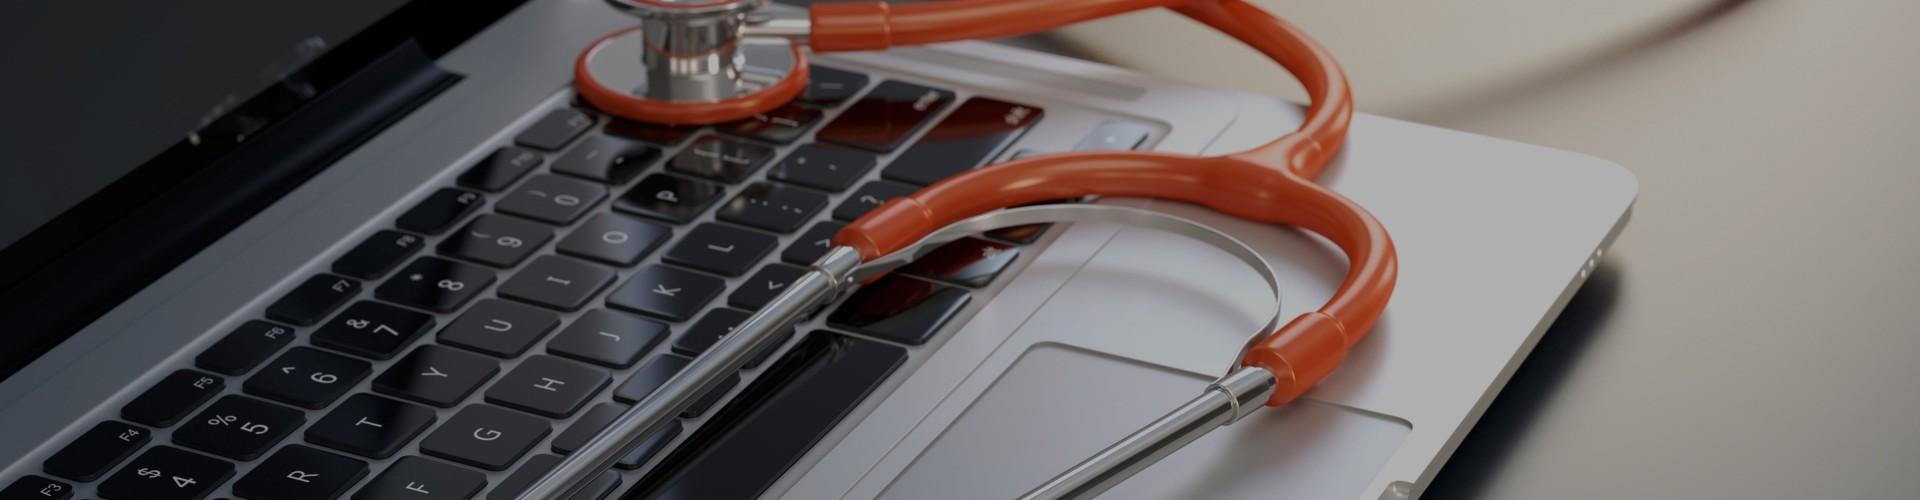 laptop-reparatie